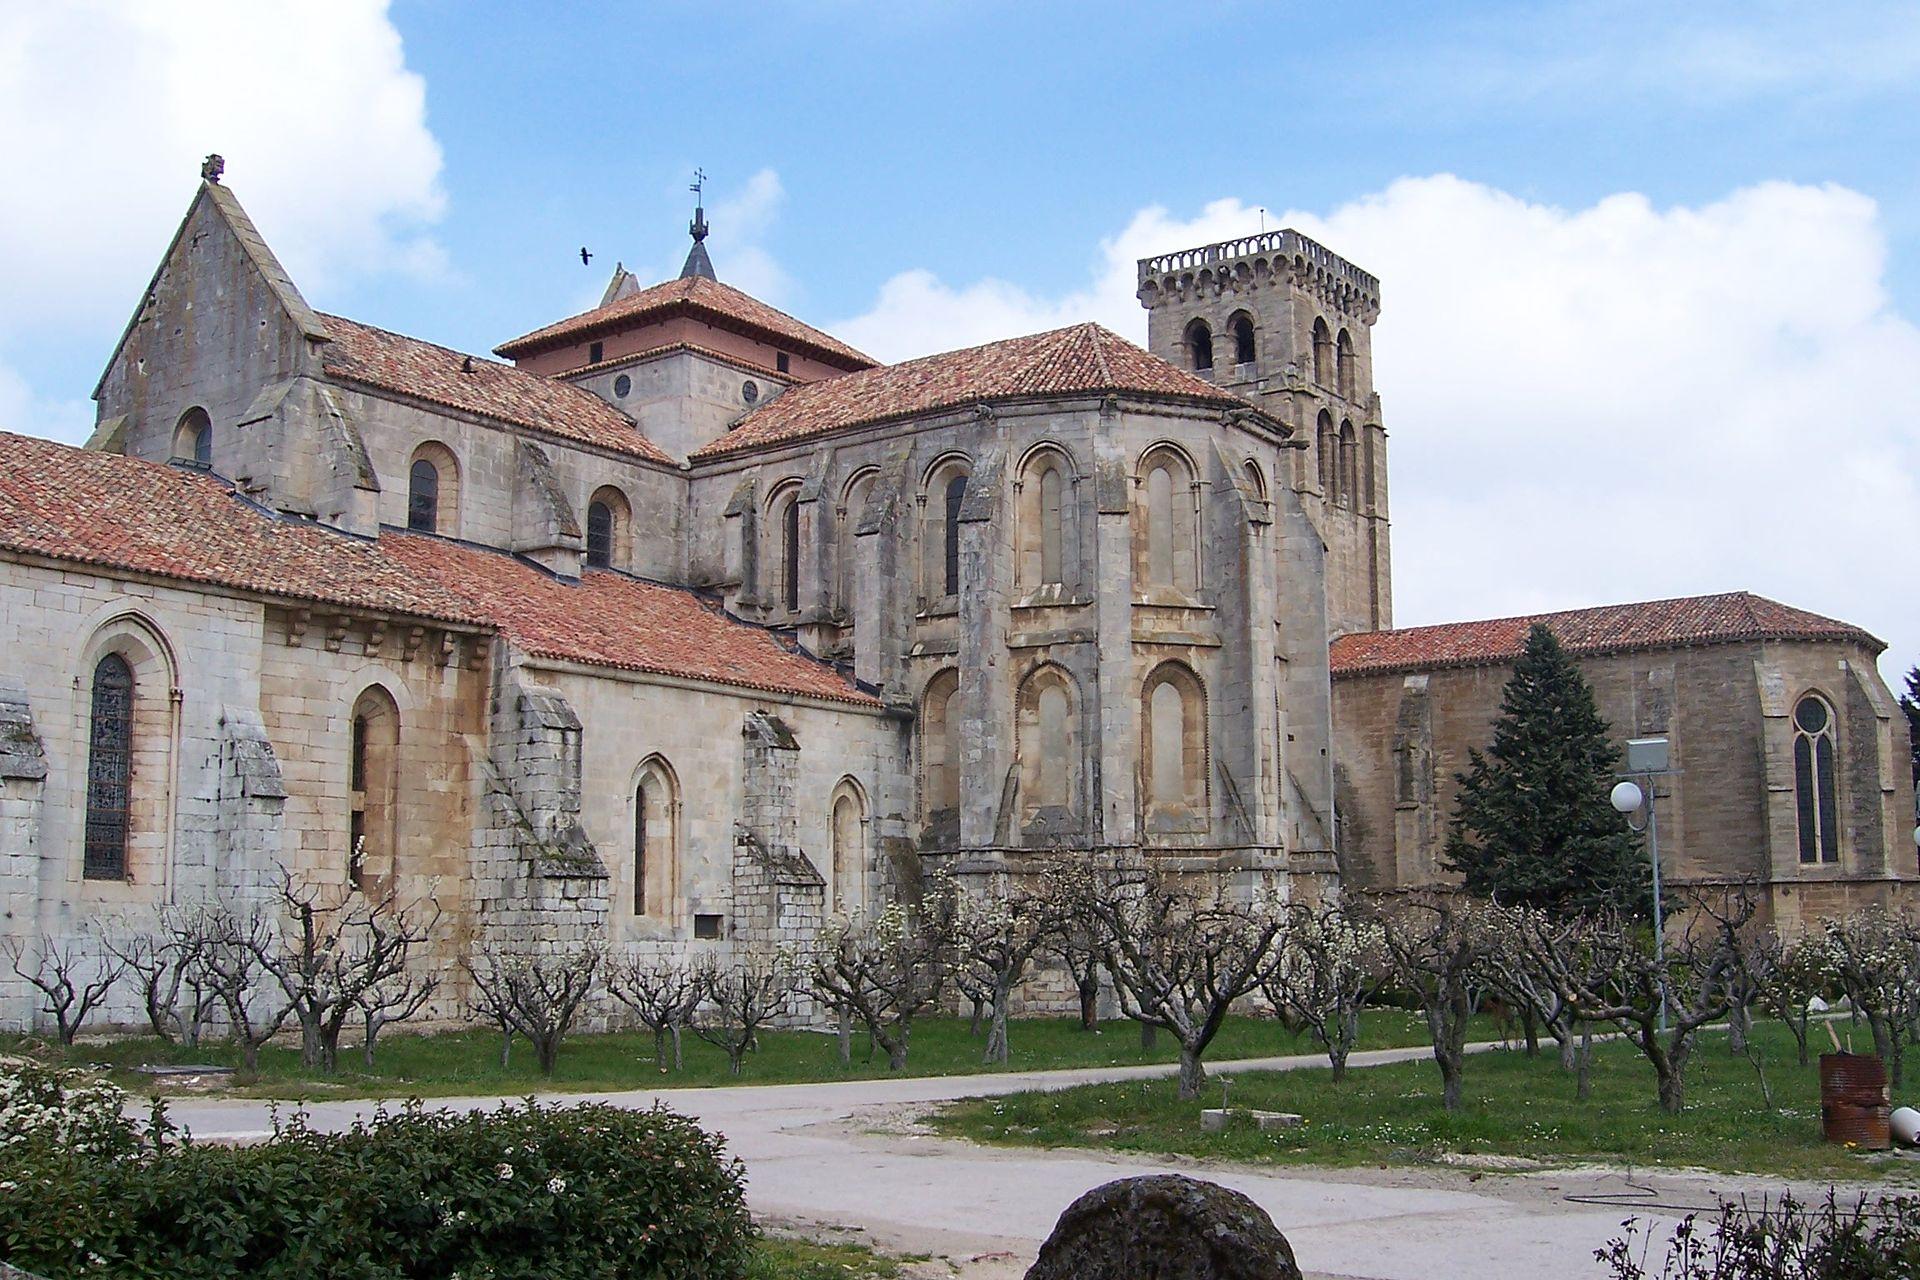 Burgos monasterio huelgas lou.JPG